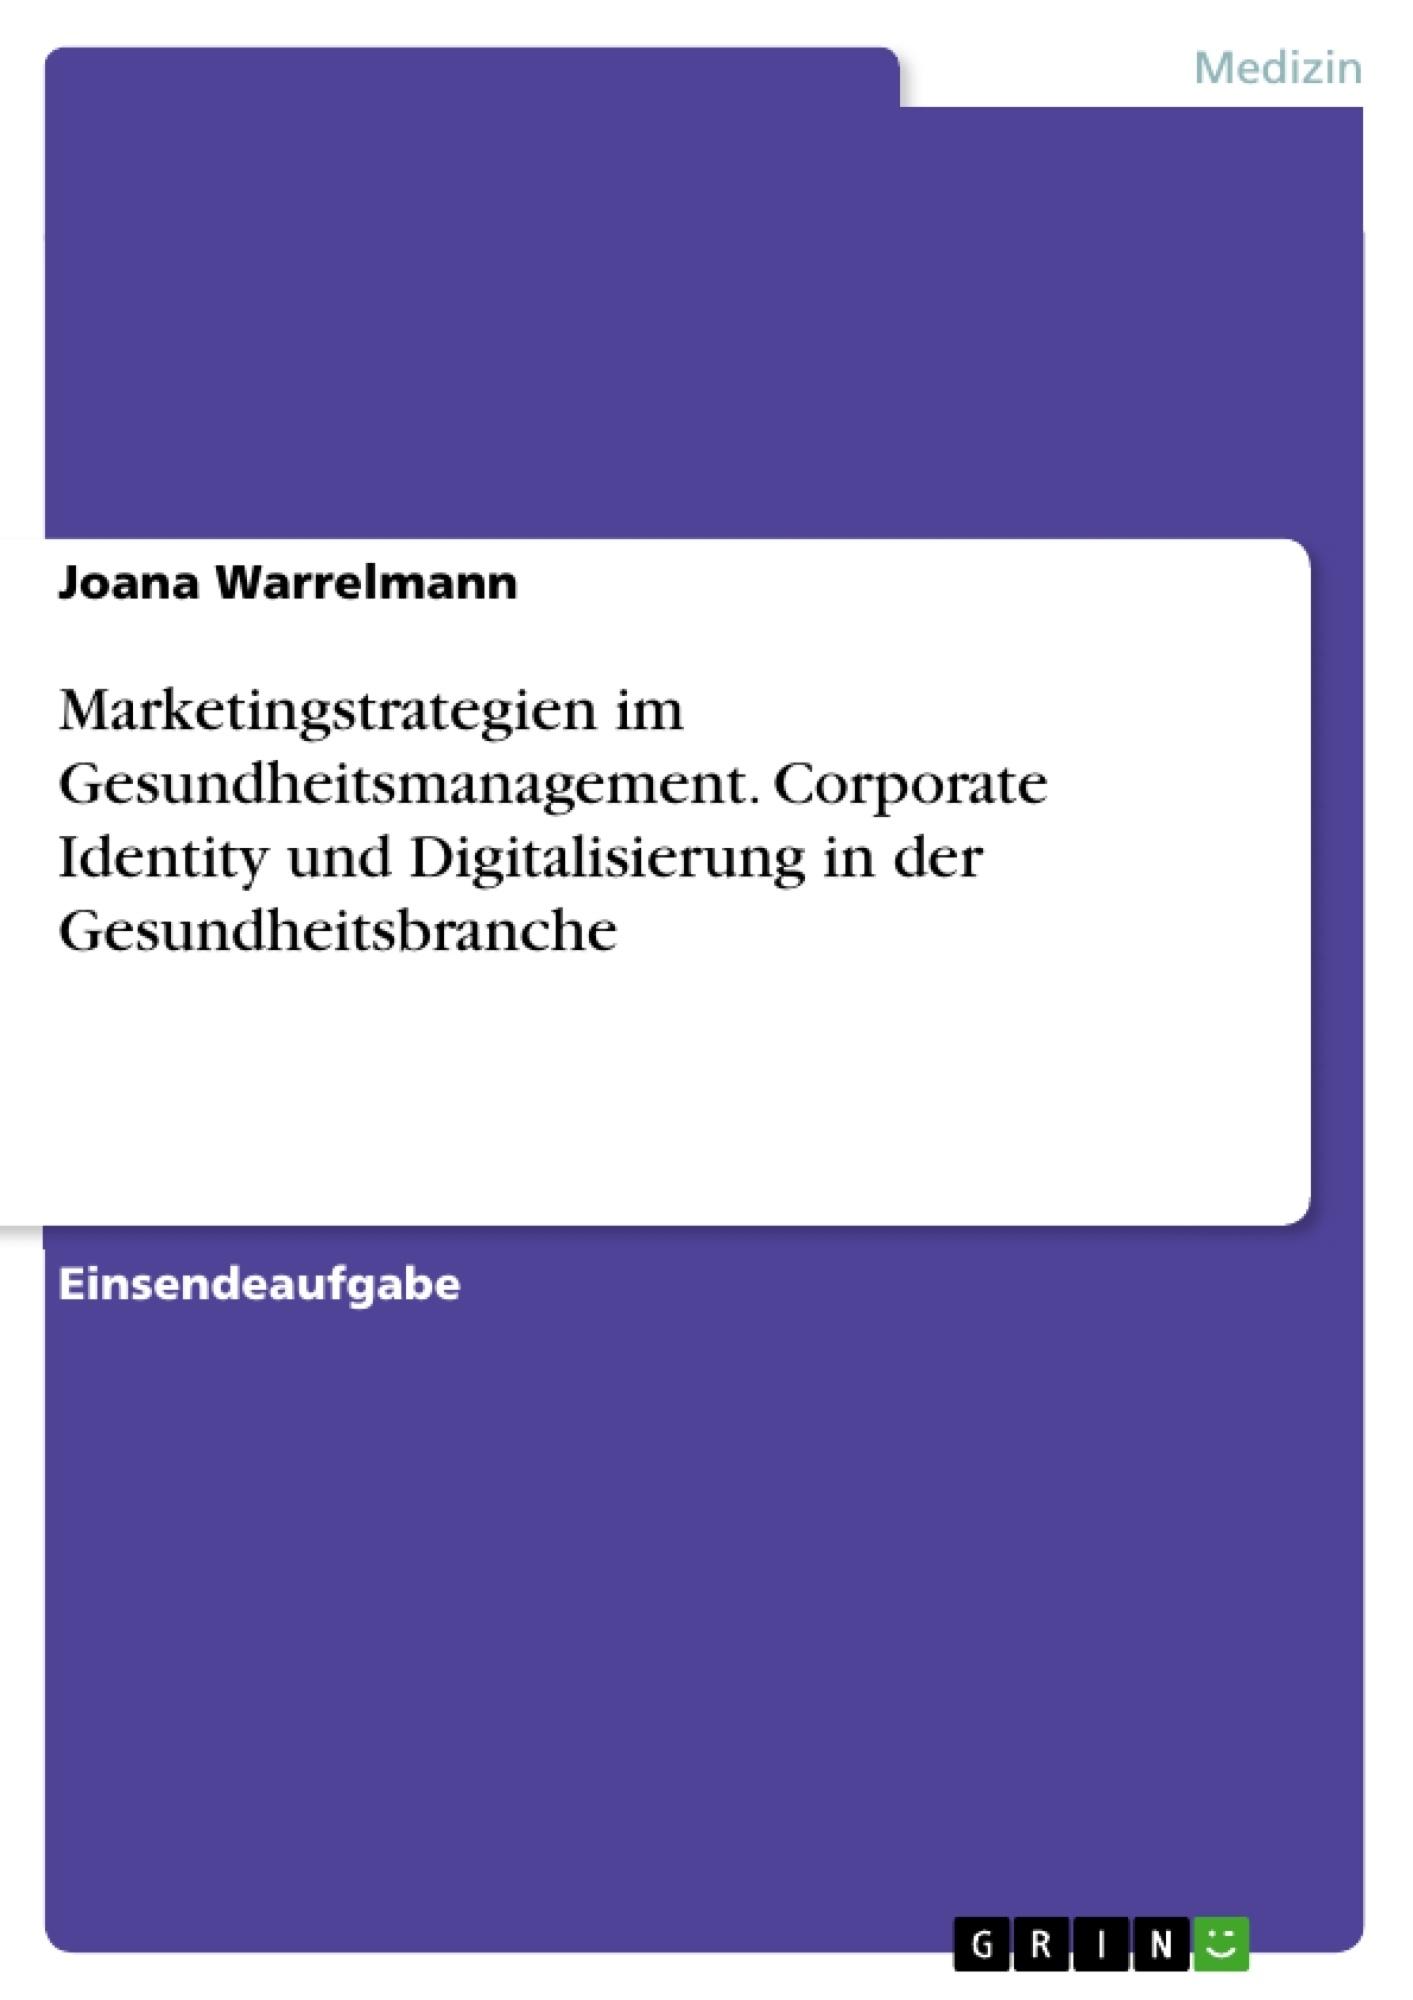 Titel: Marketingstrategien im Gesundheitsmanagement. Corporate Identity und Digitalisierung in der Gesundheitsbranche